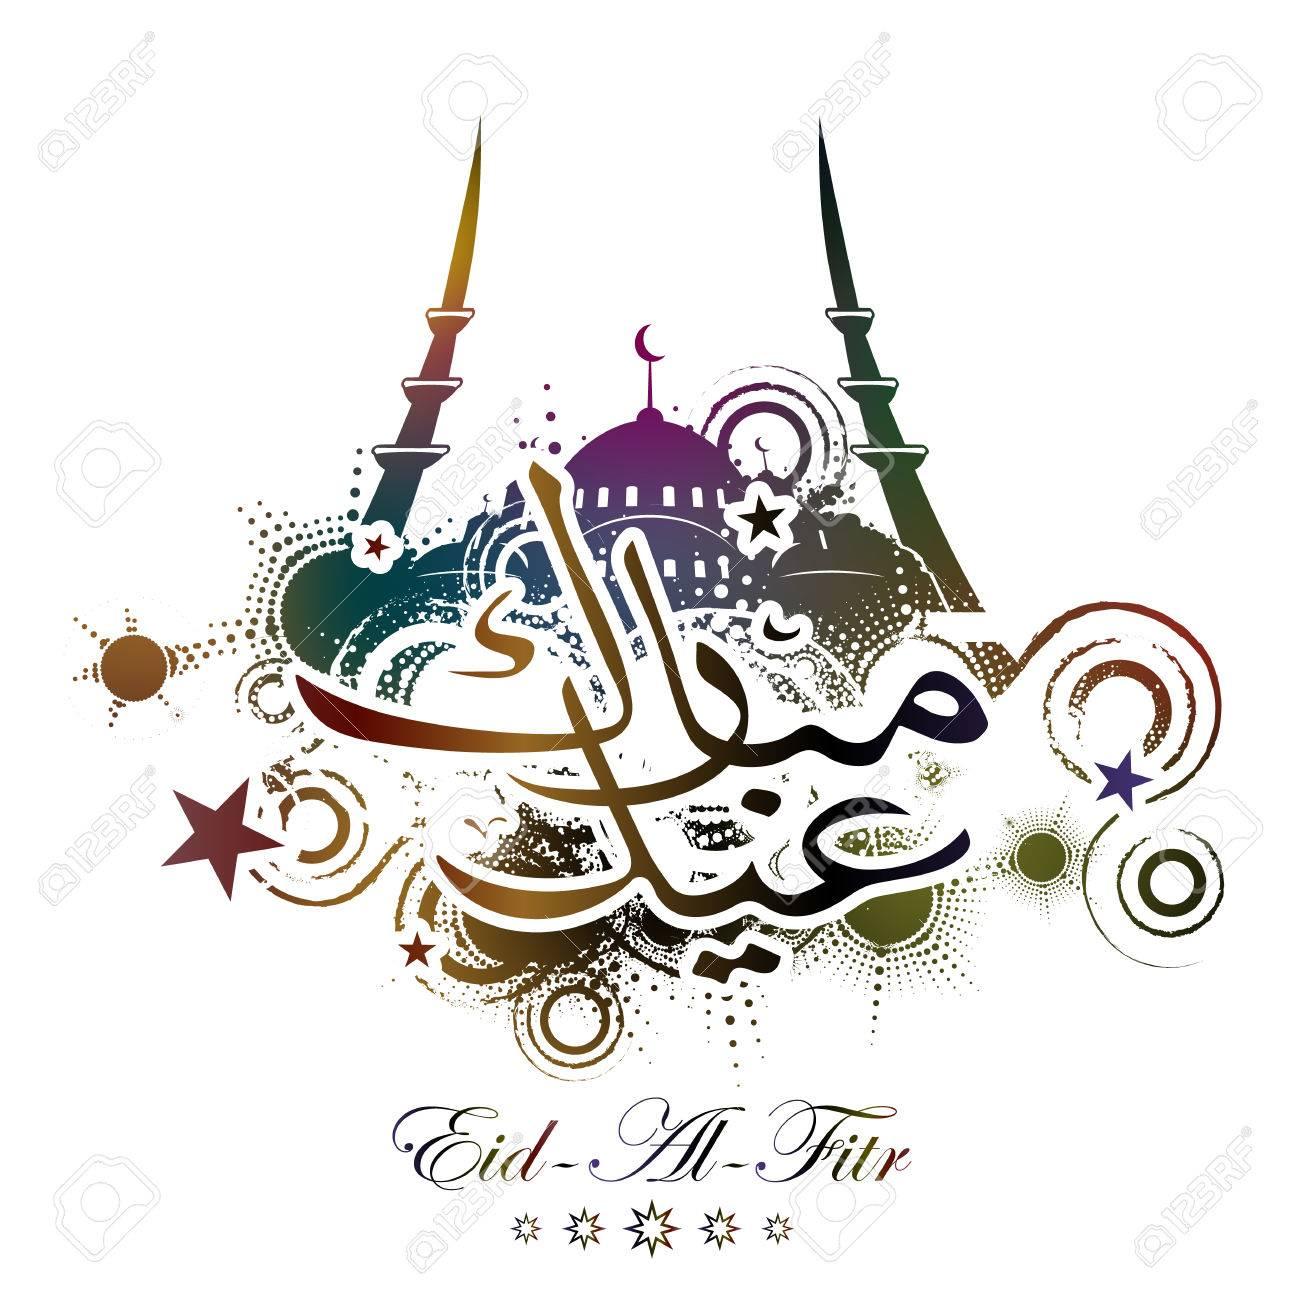 Best Arbi English Eid Al-Fitr 2018 - 80304677-ramadan-mubarak-card-with-arabic-calligraphy-eid-al-adha-eid-al-fitr-arabic-text-happy-holiday  2018_65741 .jpg